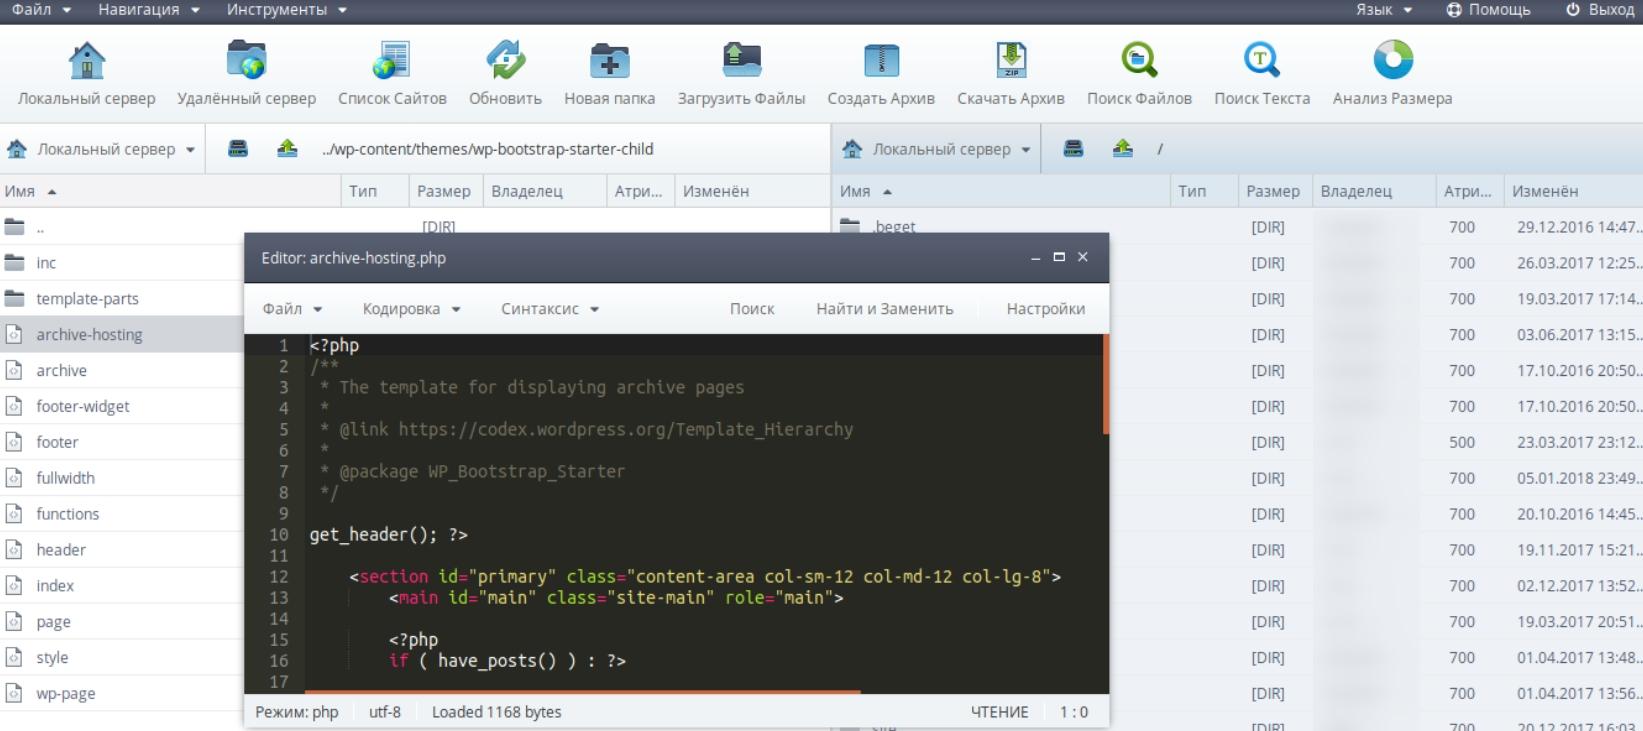 Хостингов для wp как установить сайт на хостинг ispmanager